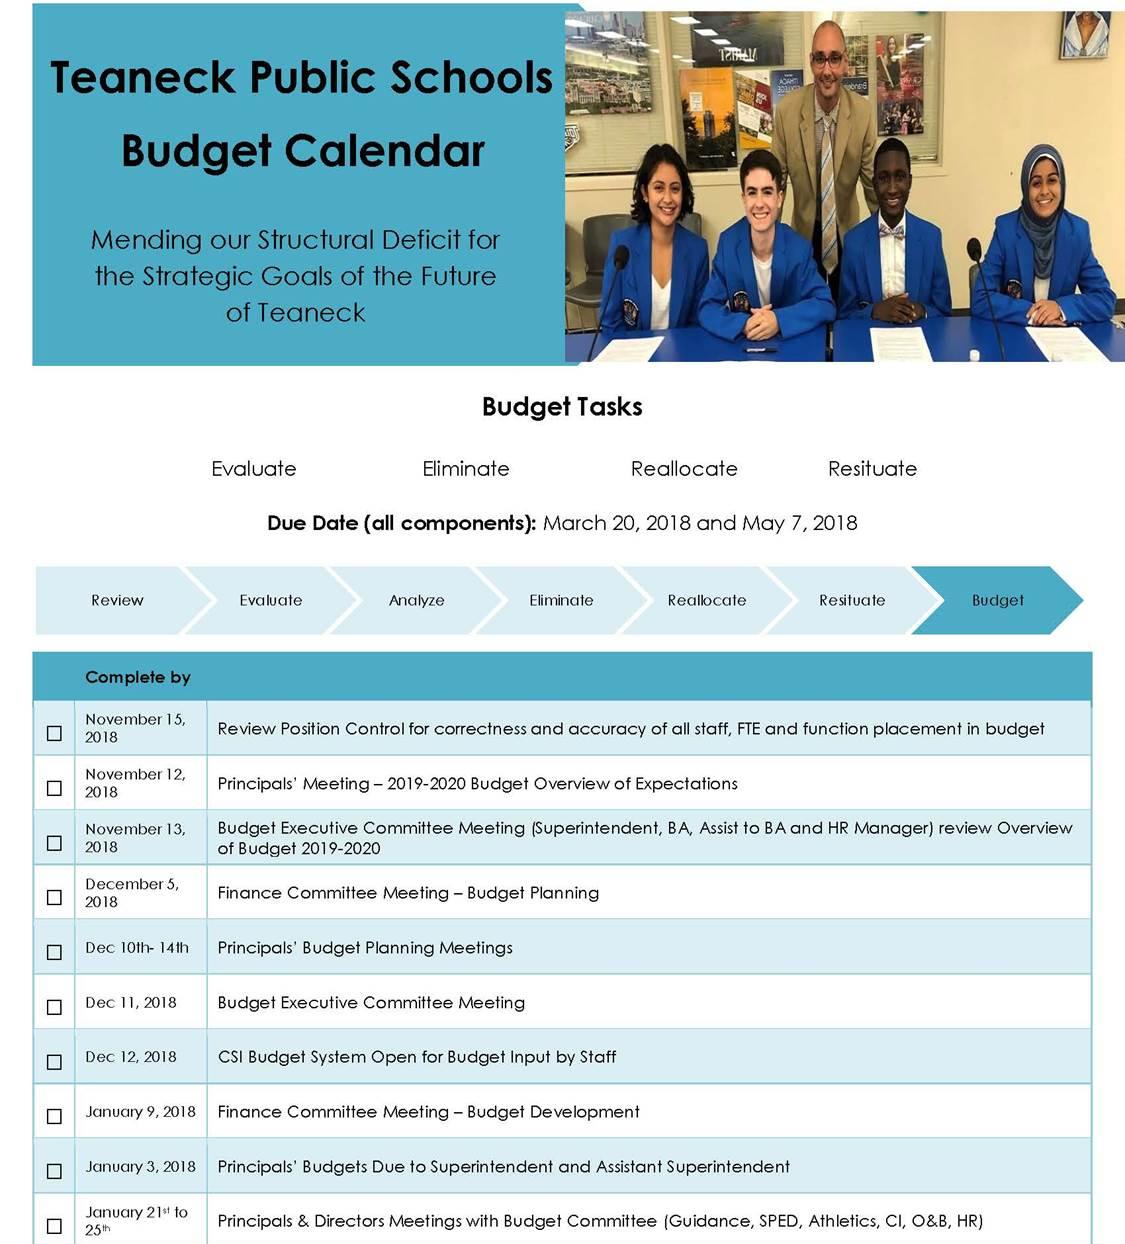 2019-2020 Budget Calendar